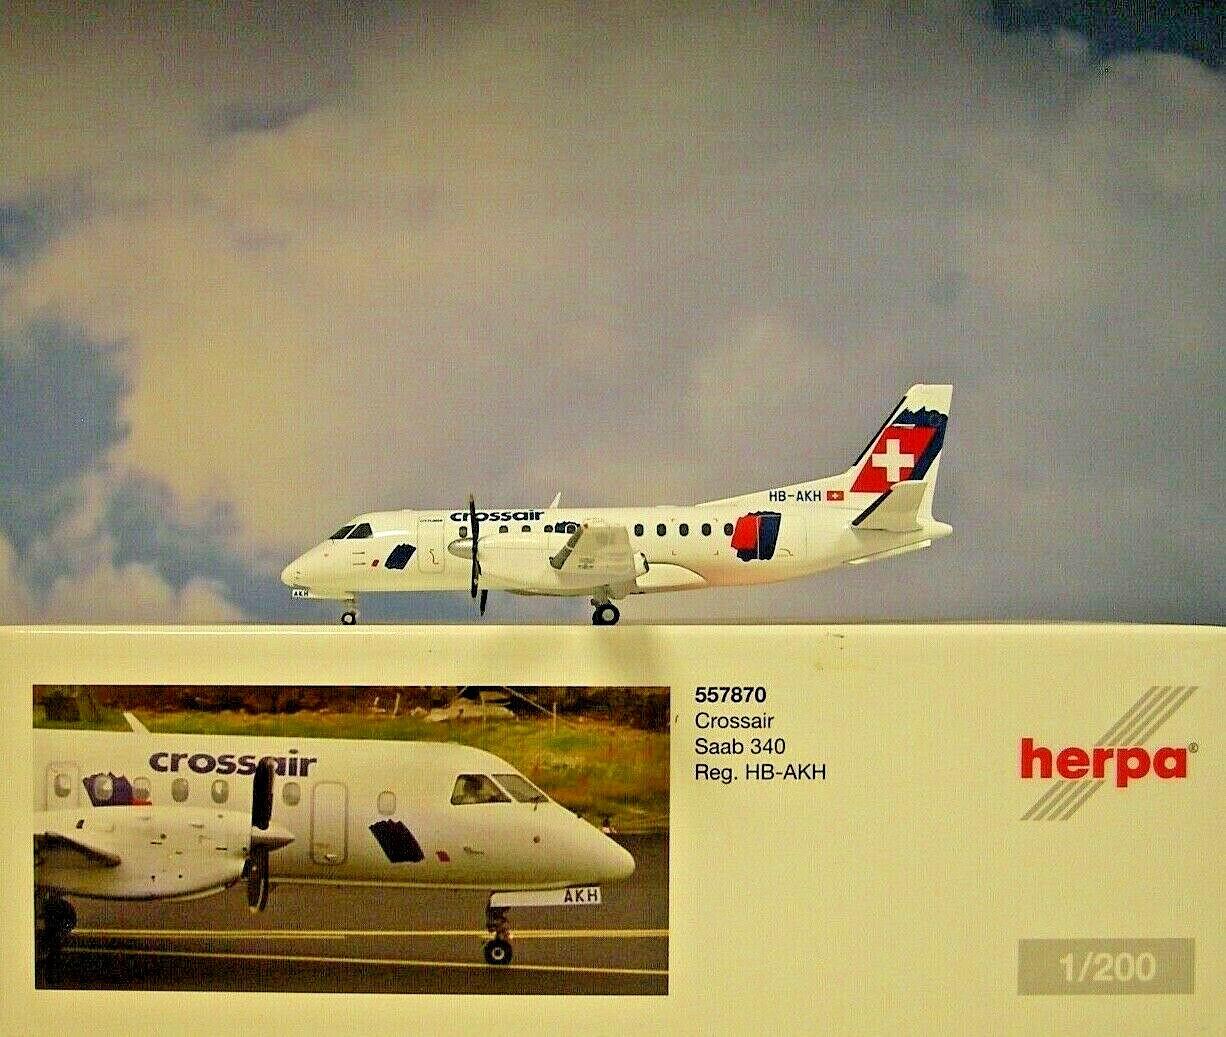 Herpa Wings 1:200 Saab 340 Crossair 557870